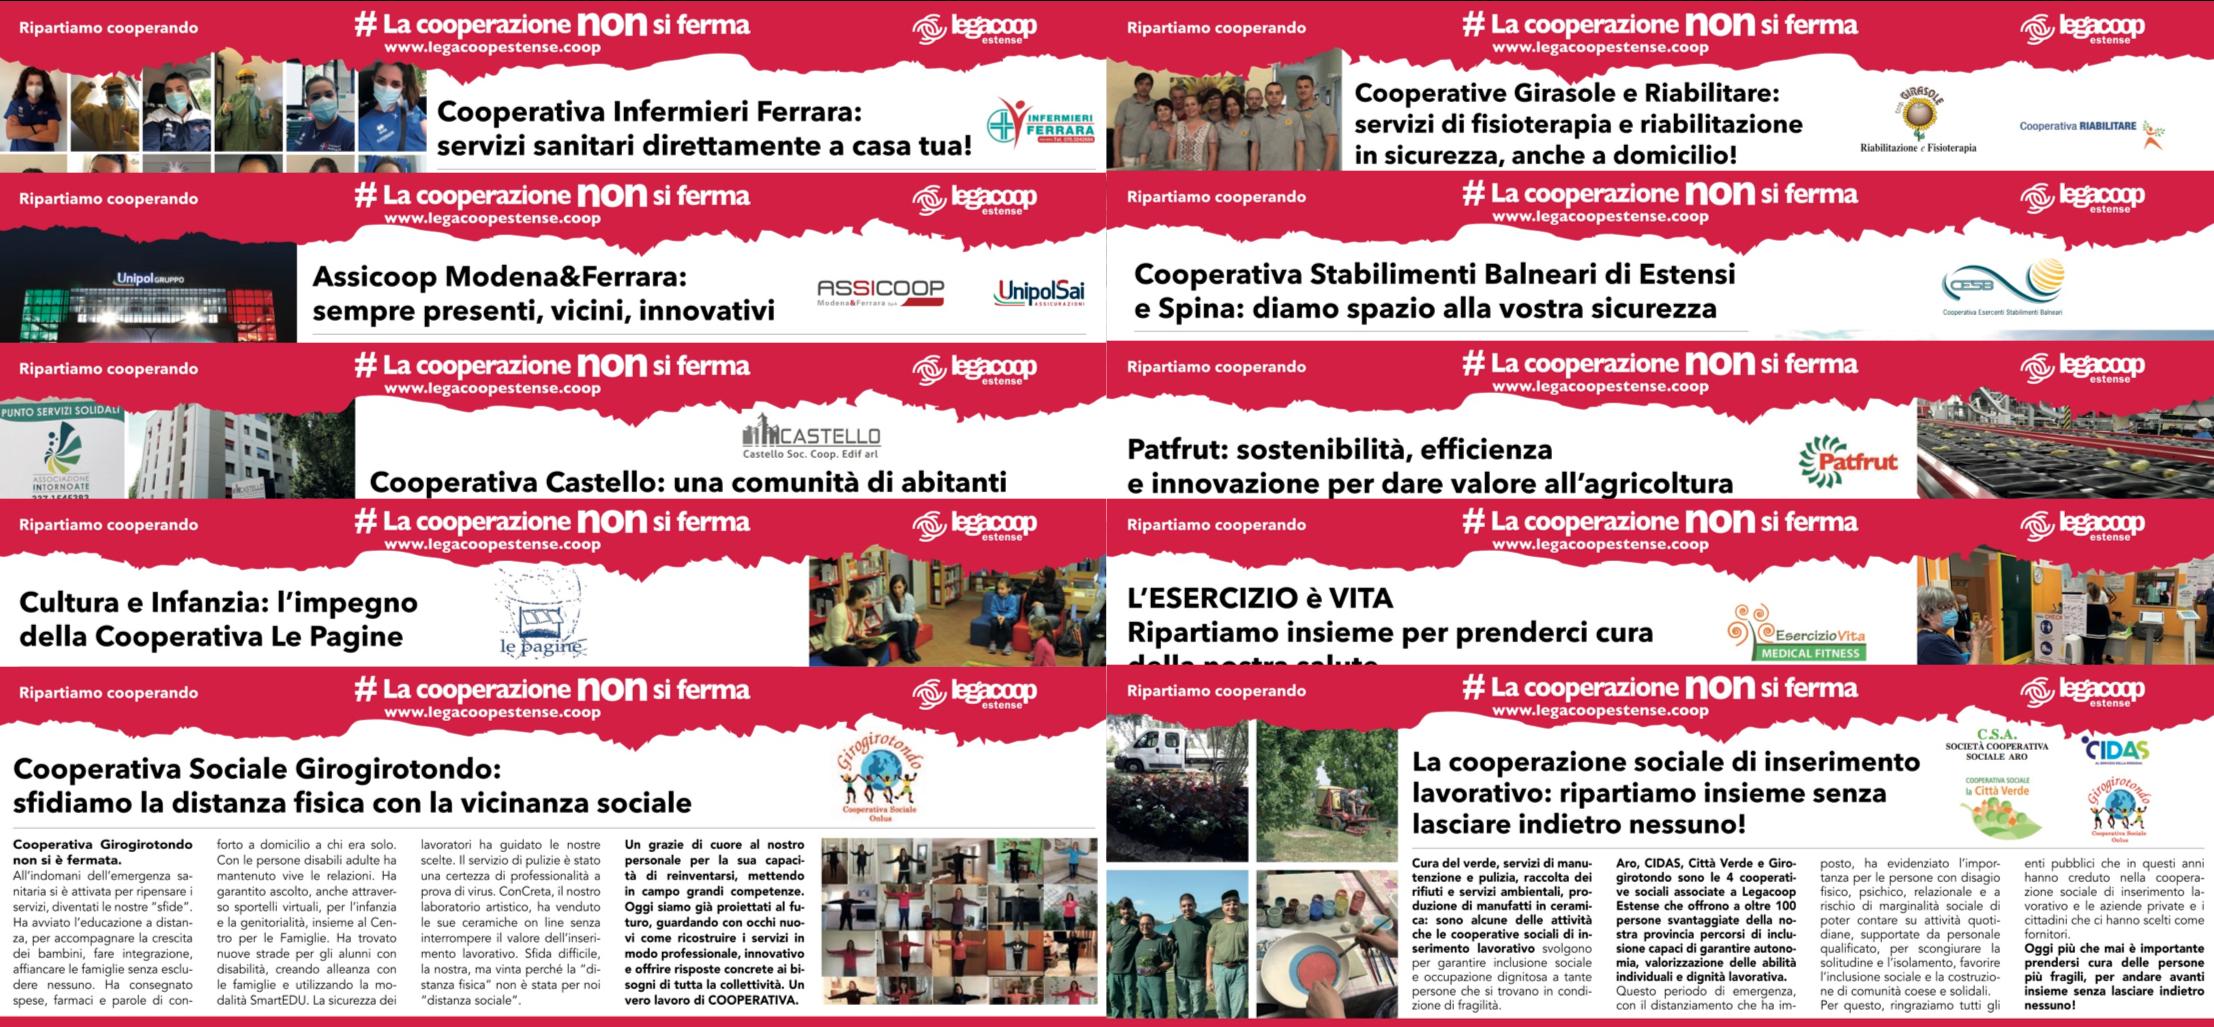 #lacooperazionenonsiferma: ecco tutte le inserzioni pubblicate su La Nuova Ferrara